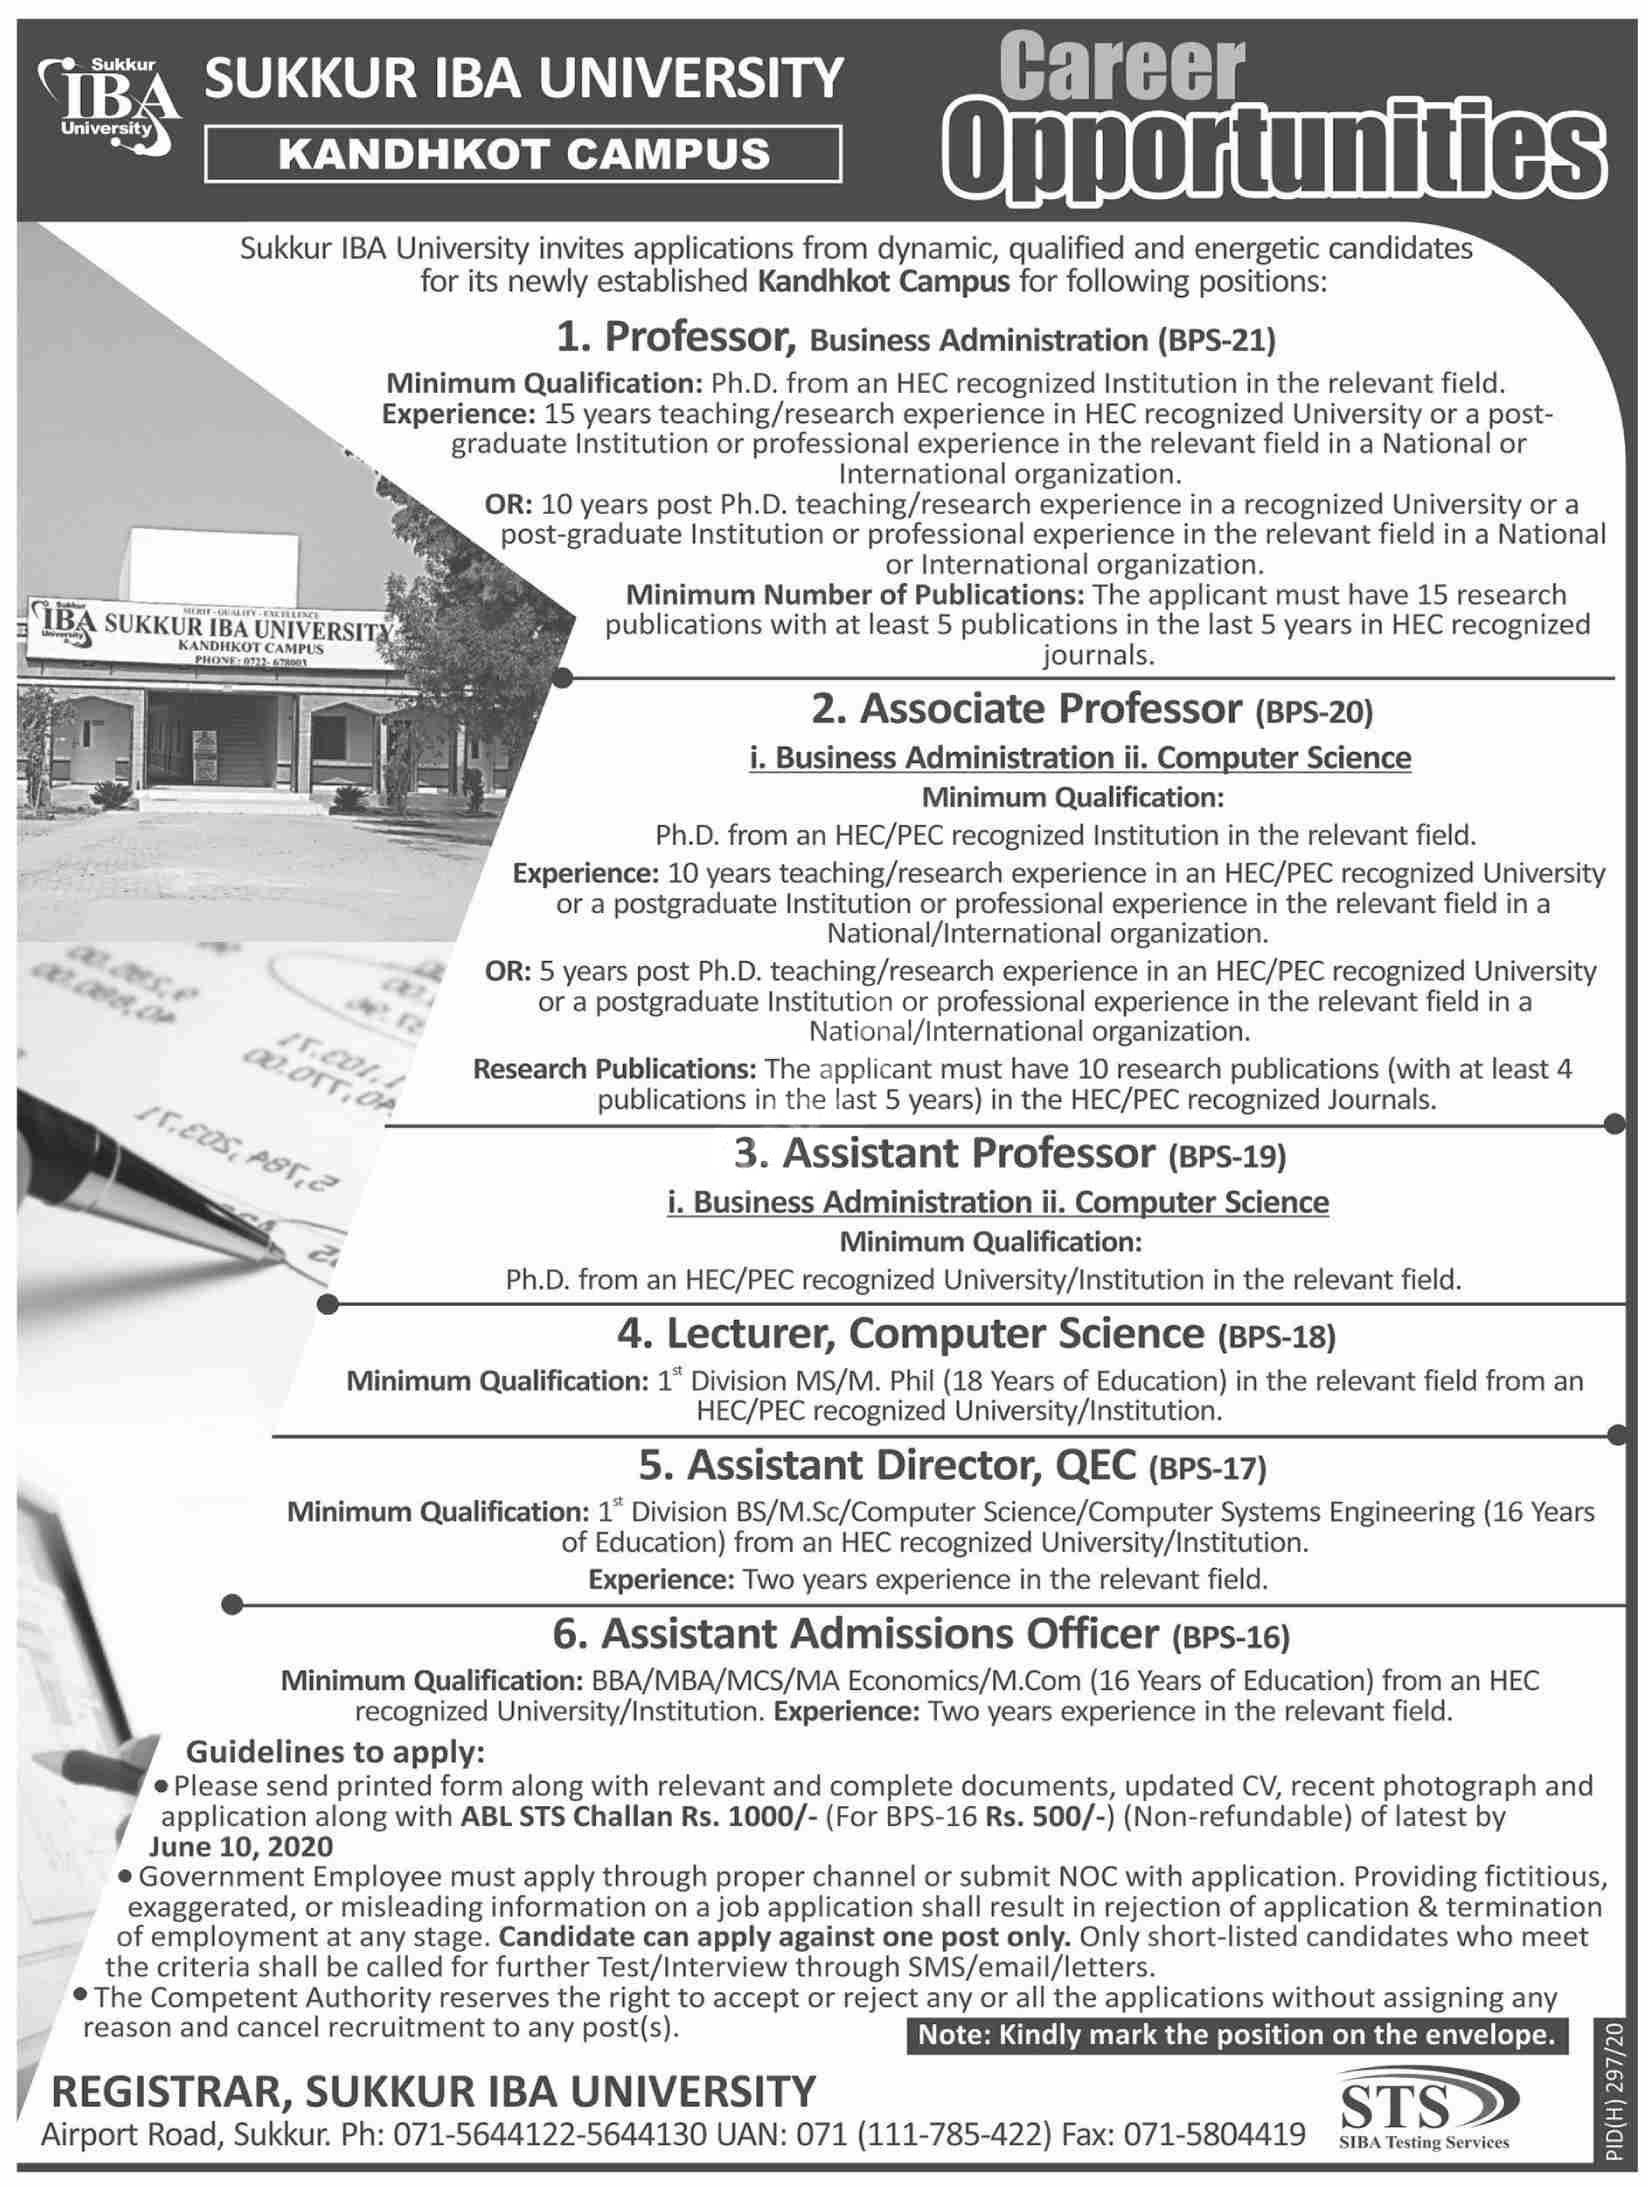 Sukkur Iba University Kandhkot Campus Jobs 2020 Latest